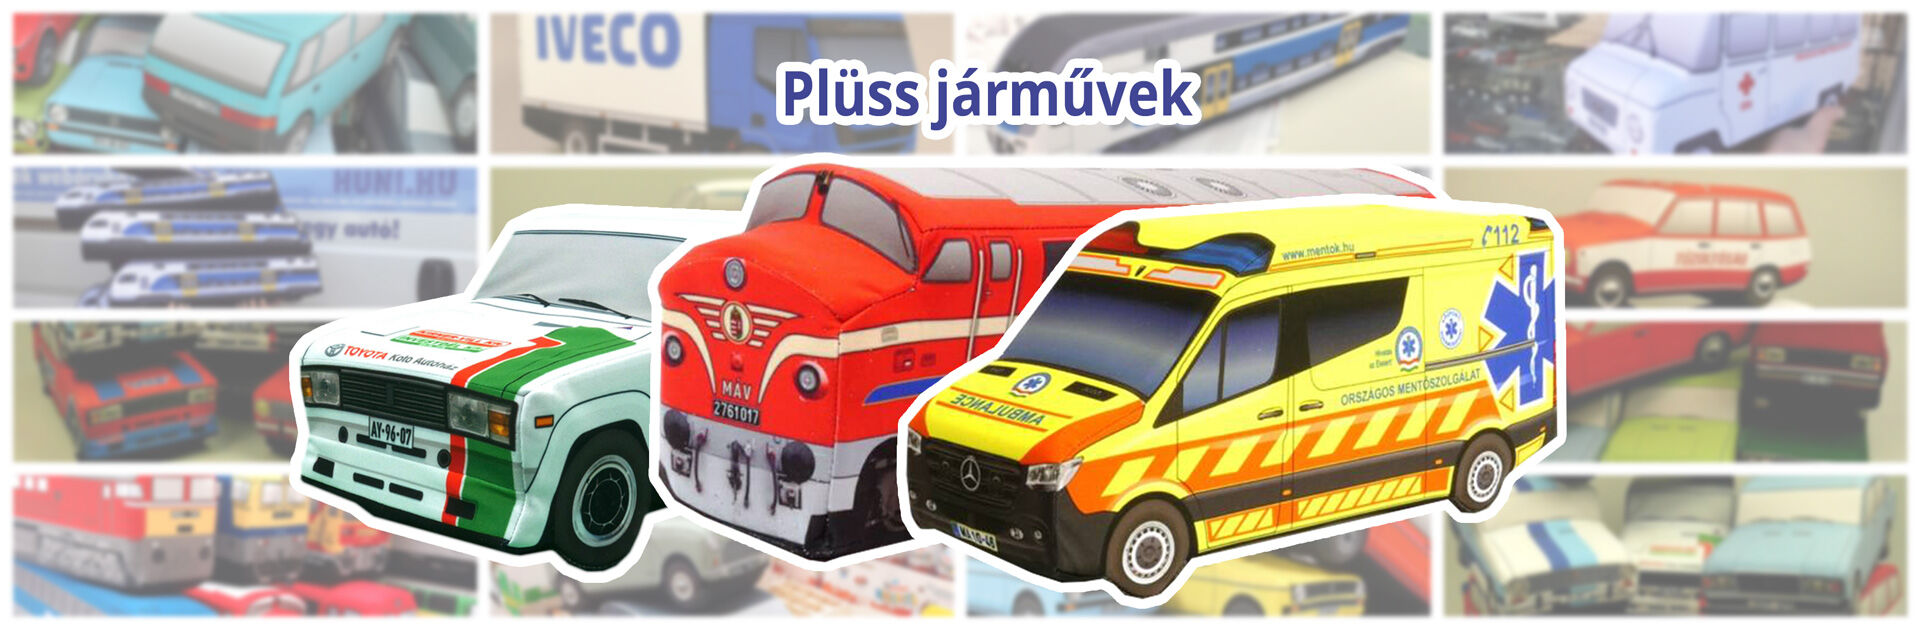 Plüss járművek 2